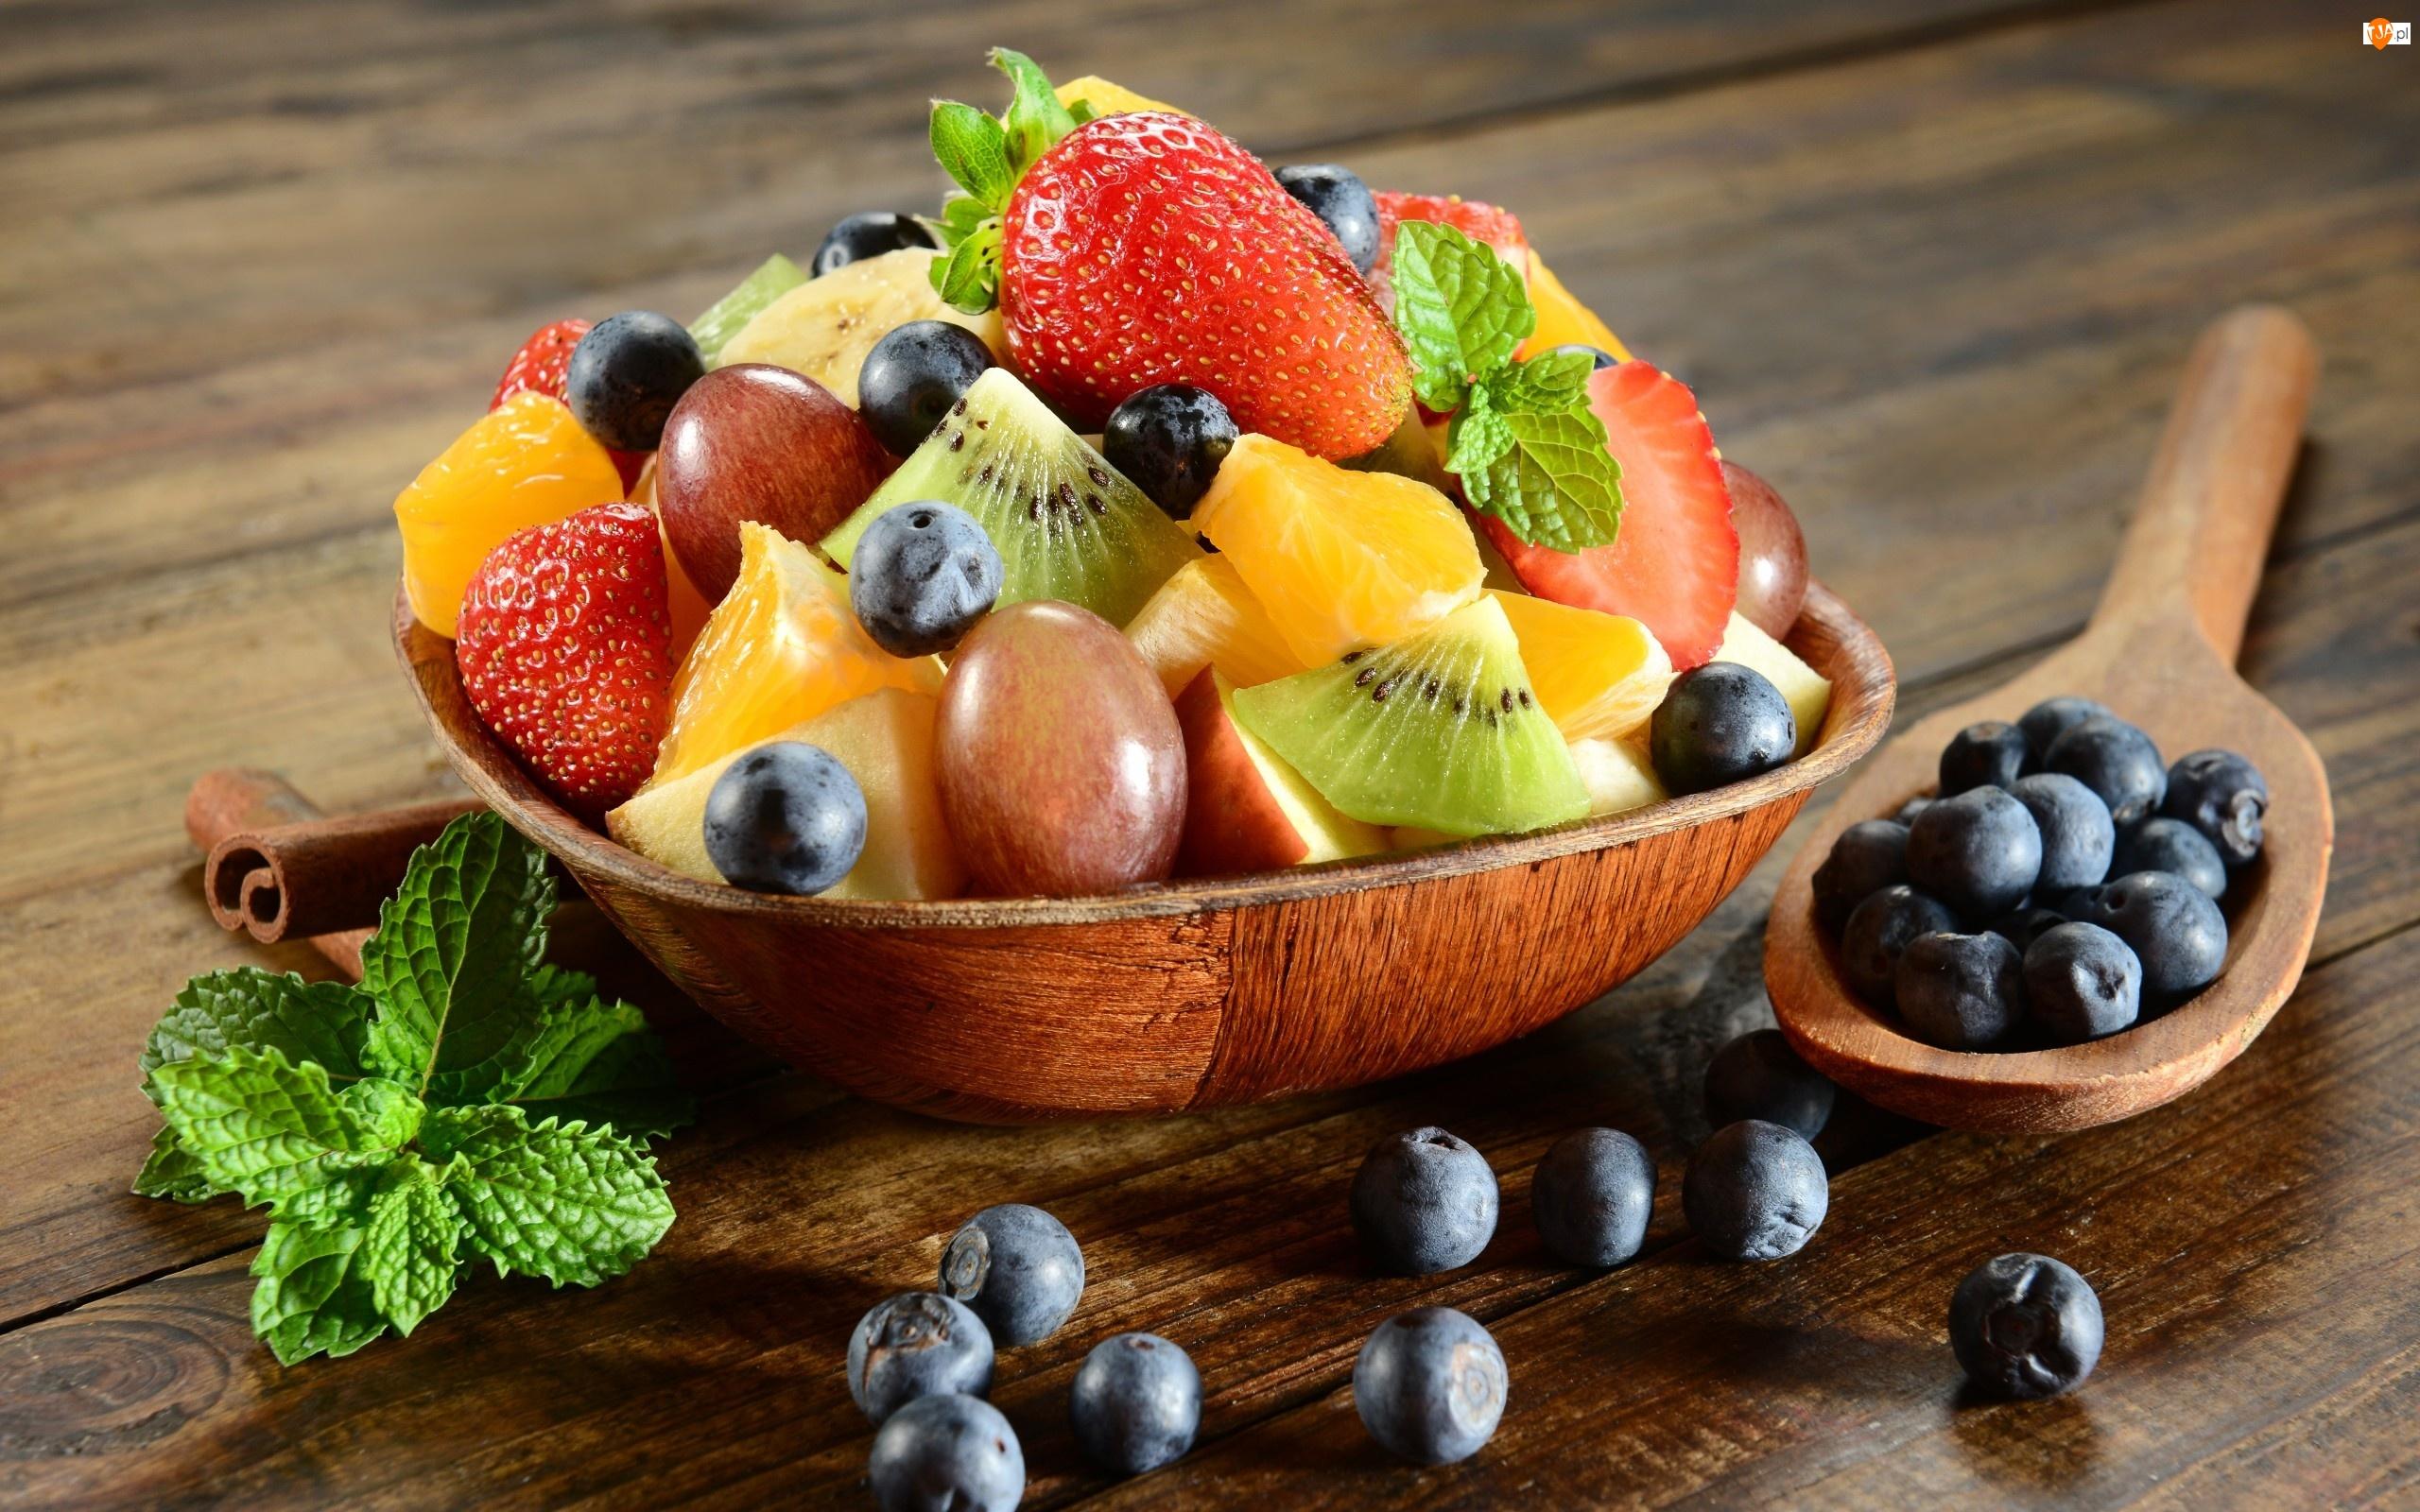 Ananas, Borówka, Kawałki, Łyżka, Owoce, Miska, Różne, Pomarańcza, Truskawka, Kiwi